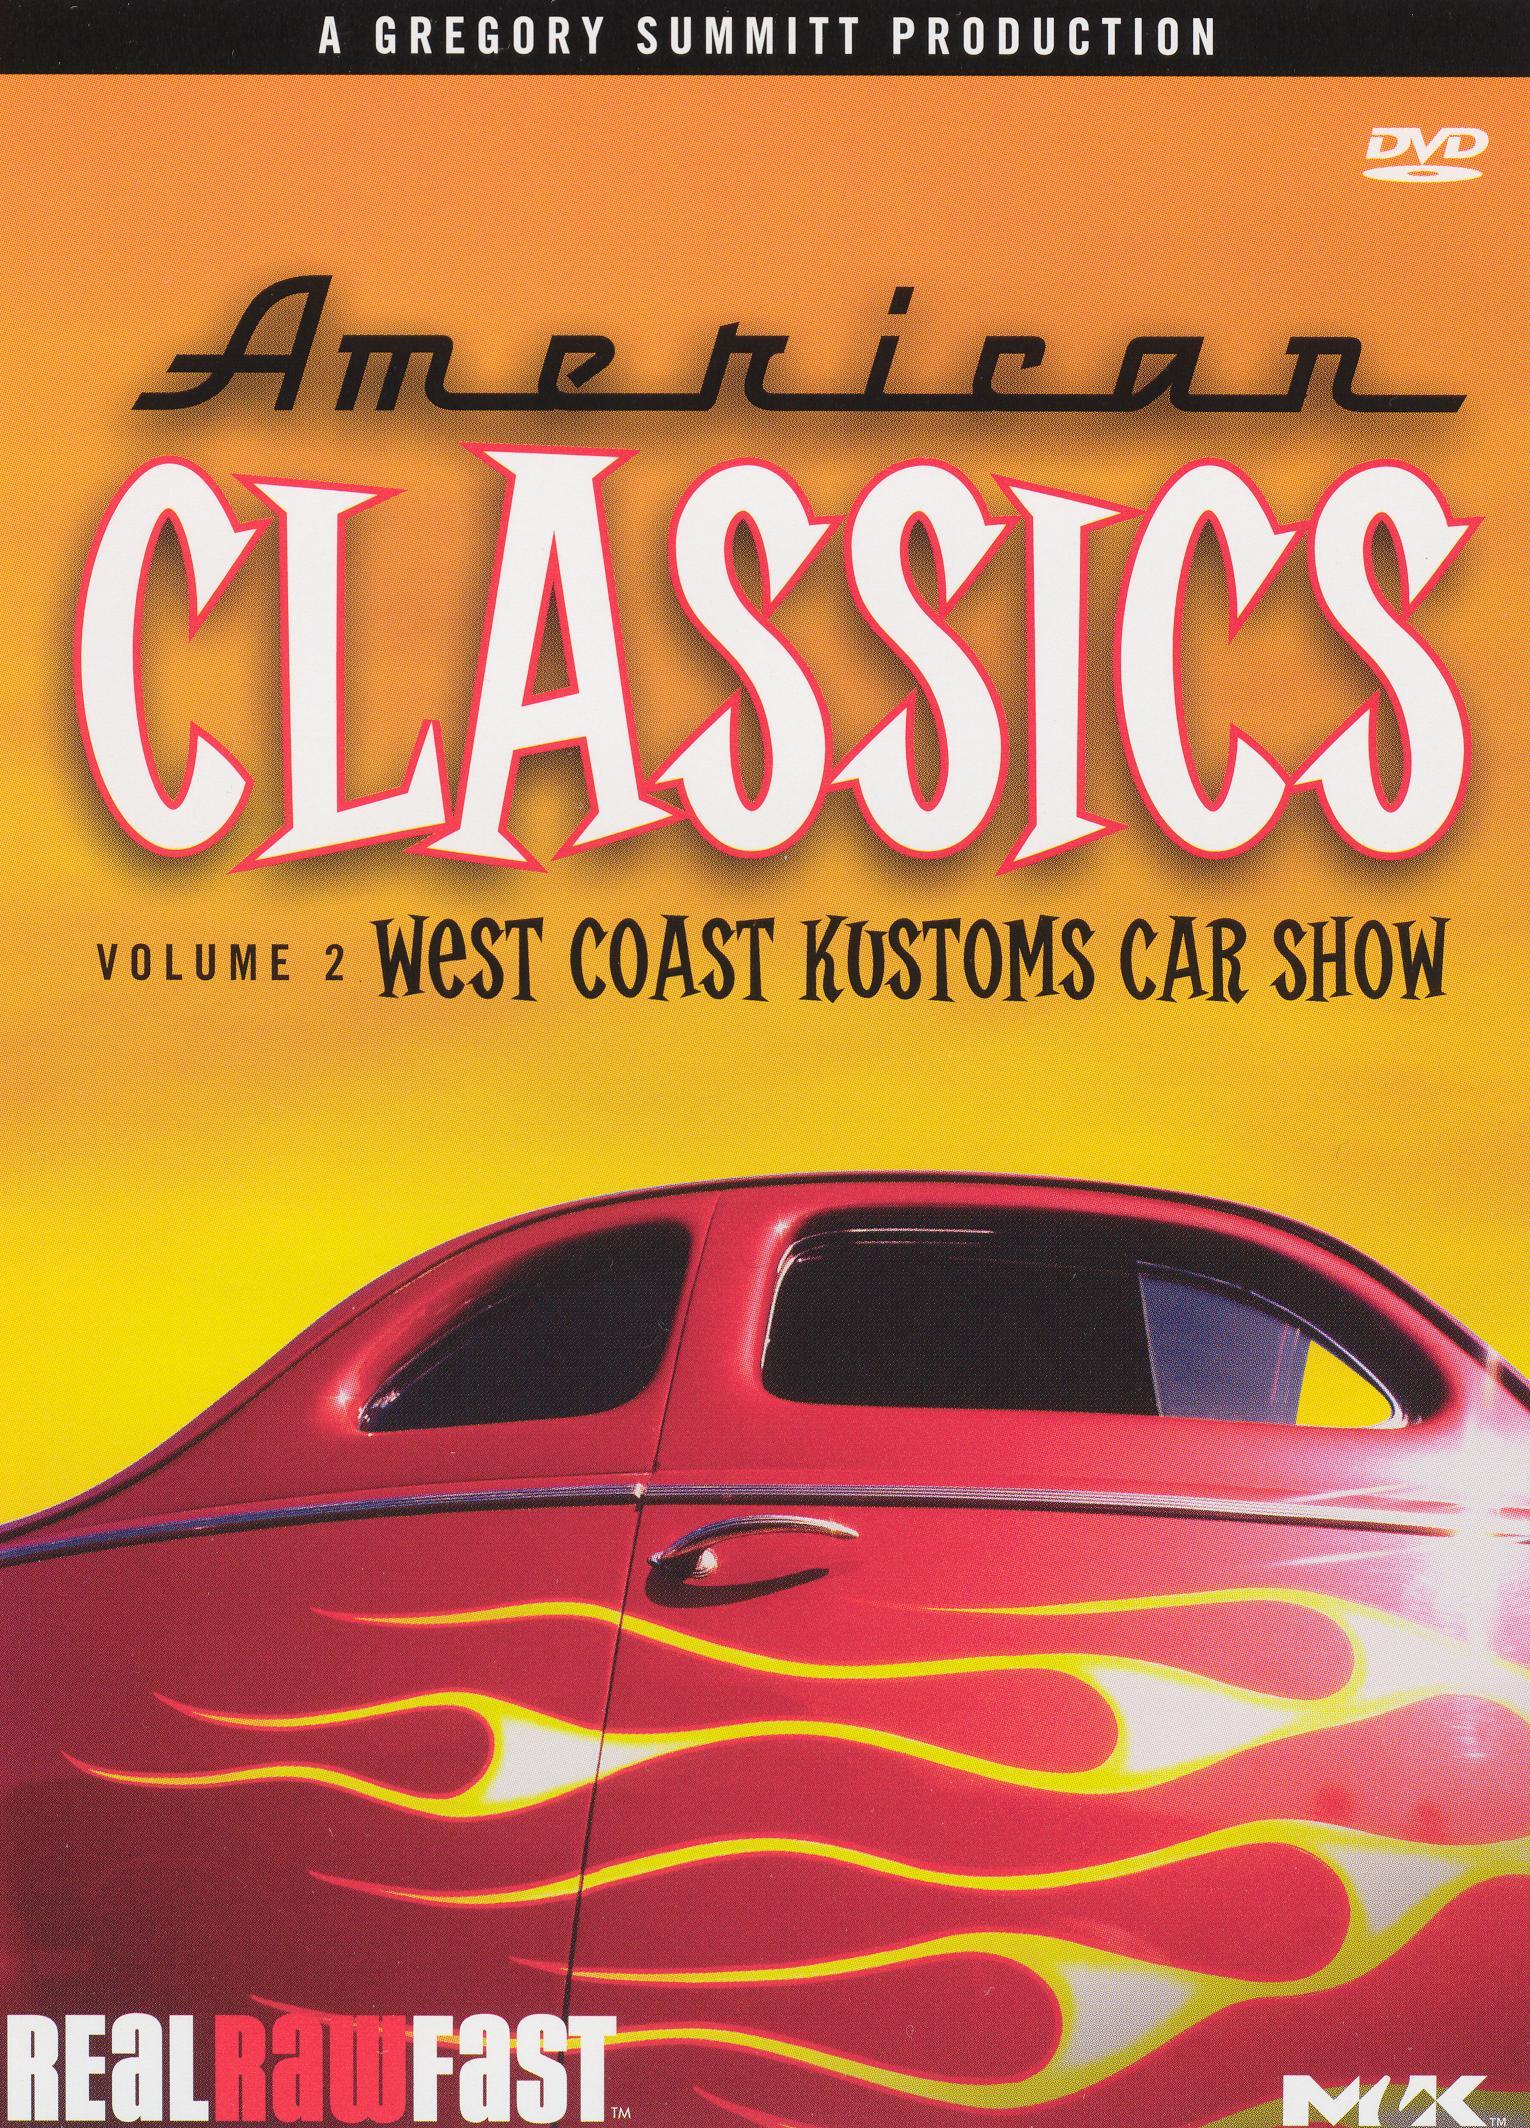 American Classics, Vol. 2: West Coast Kustoms Car Show